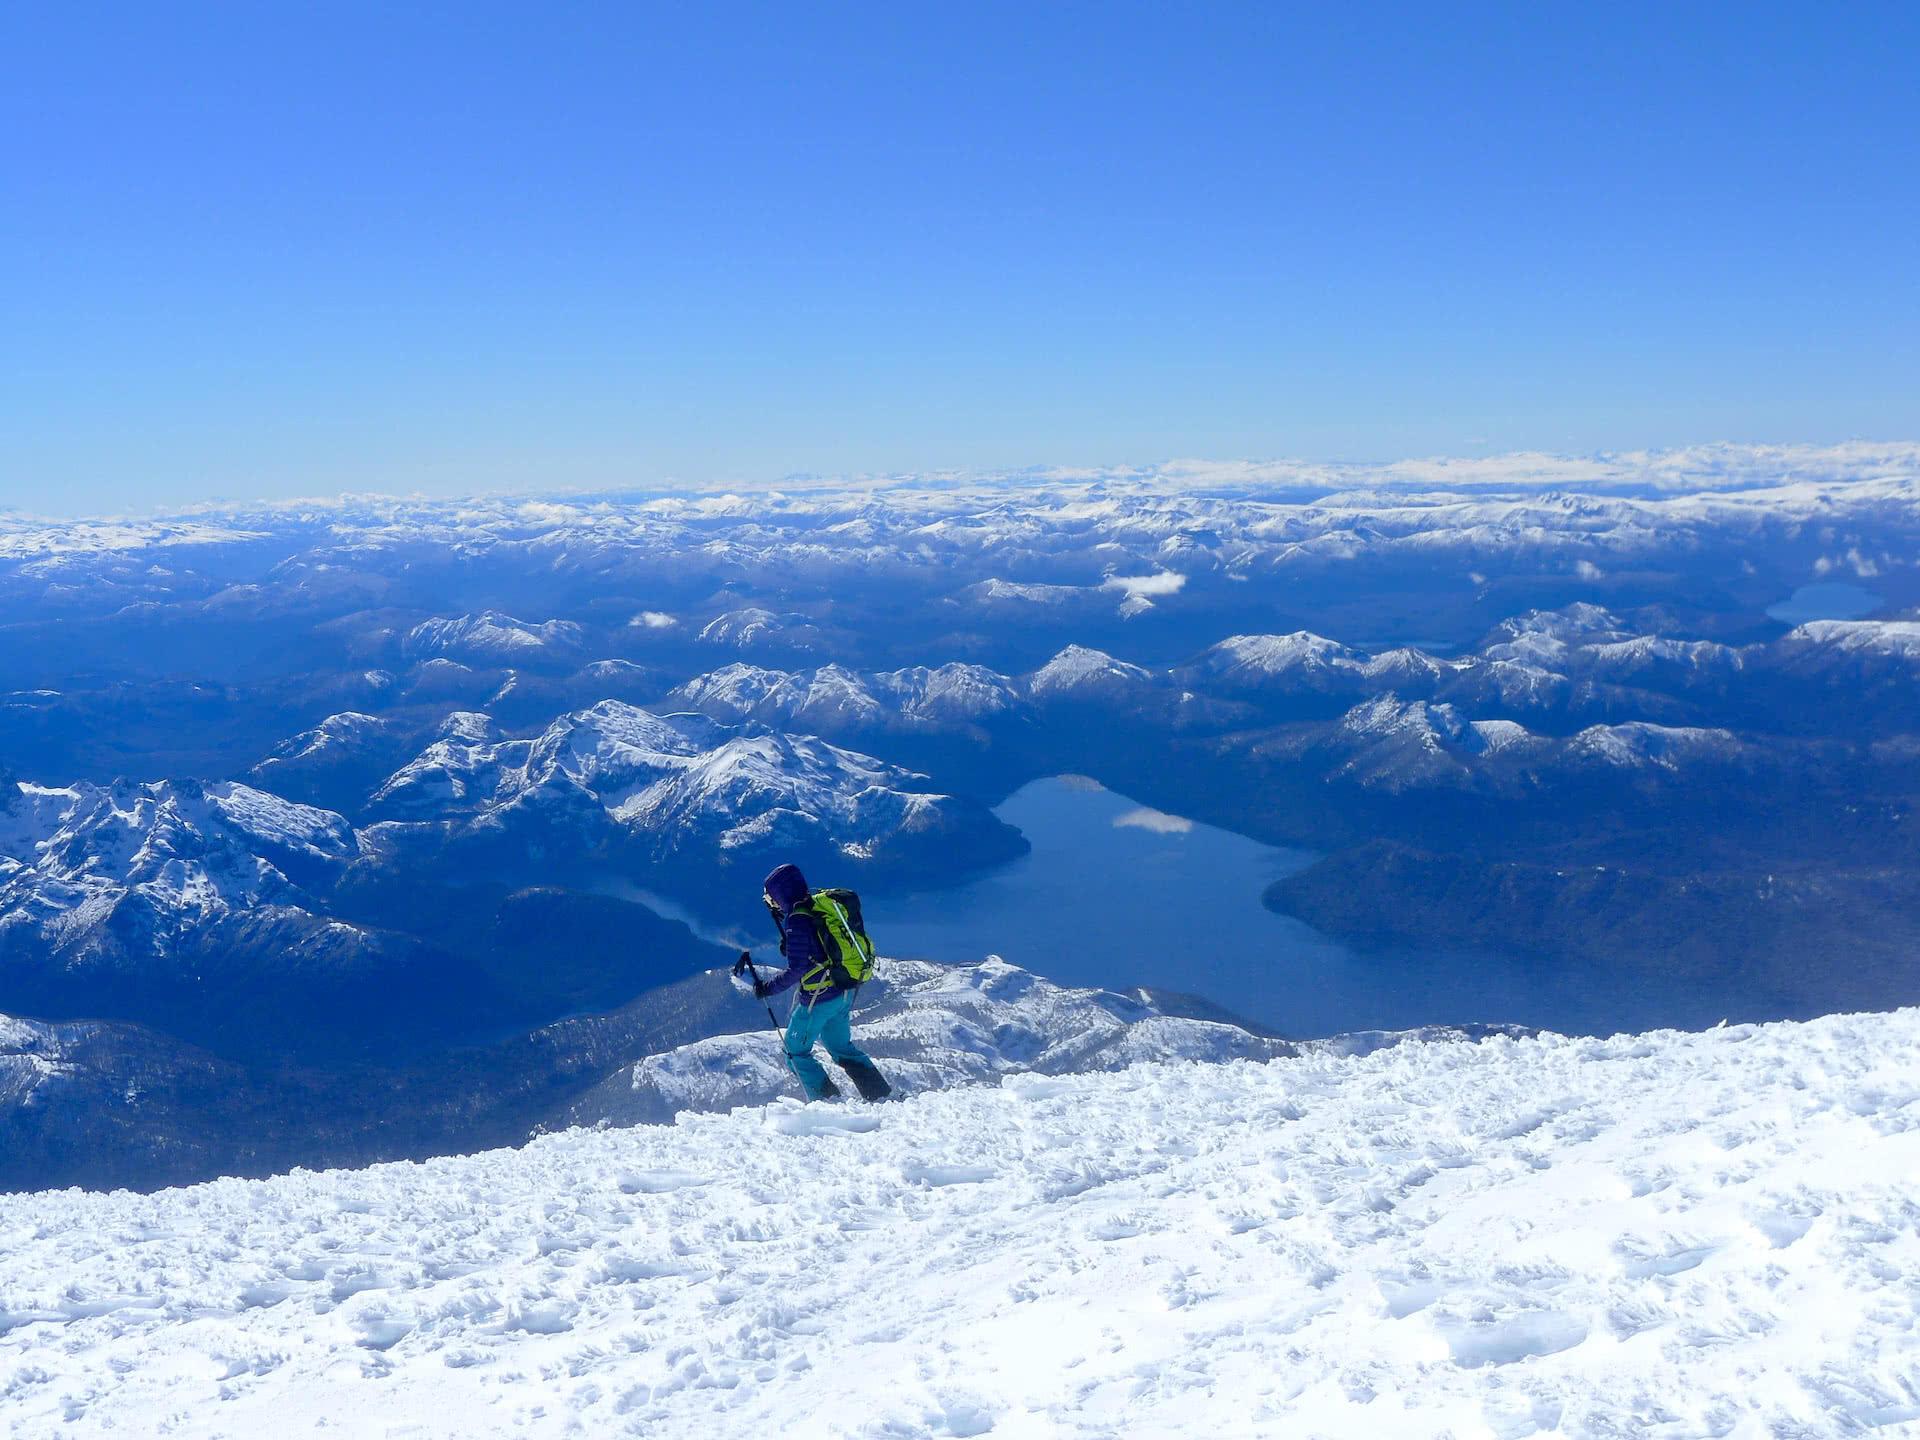 Offpiste skiing bariloche